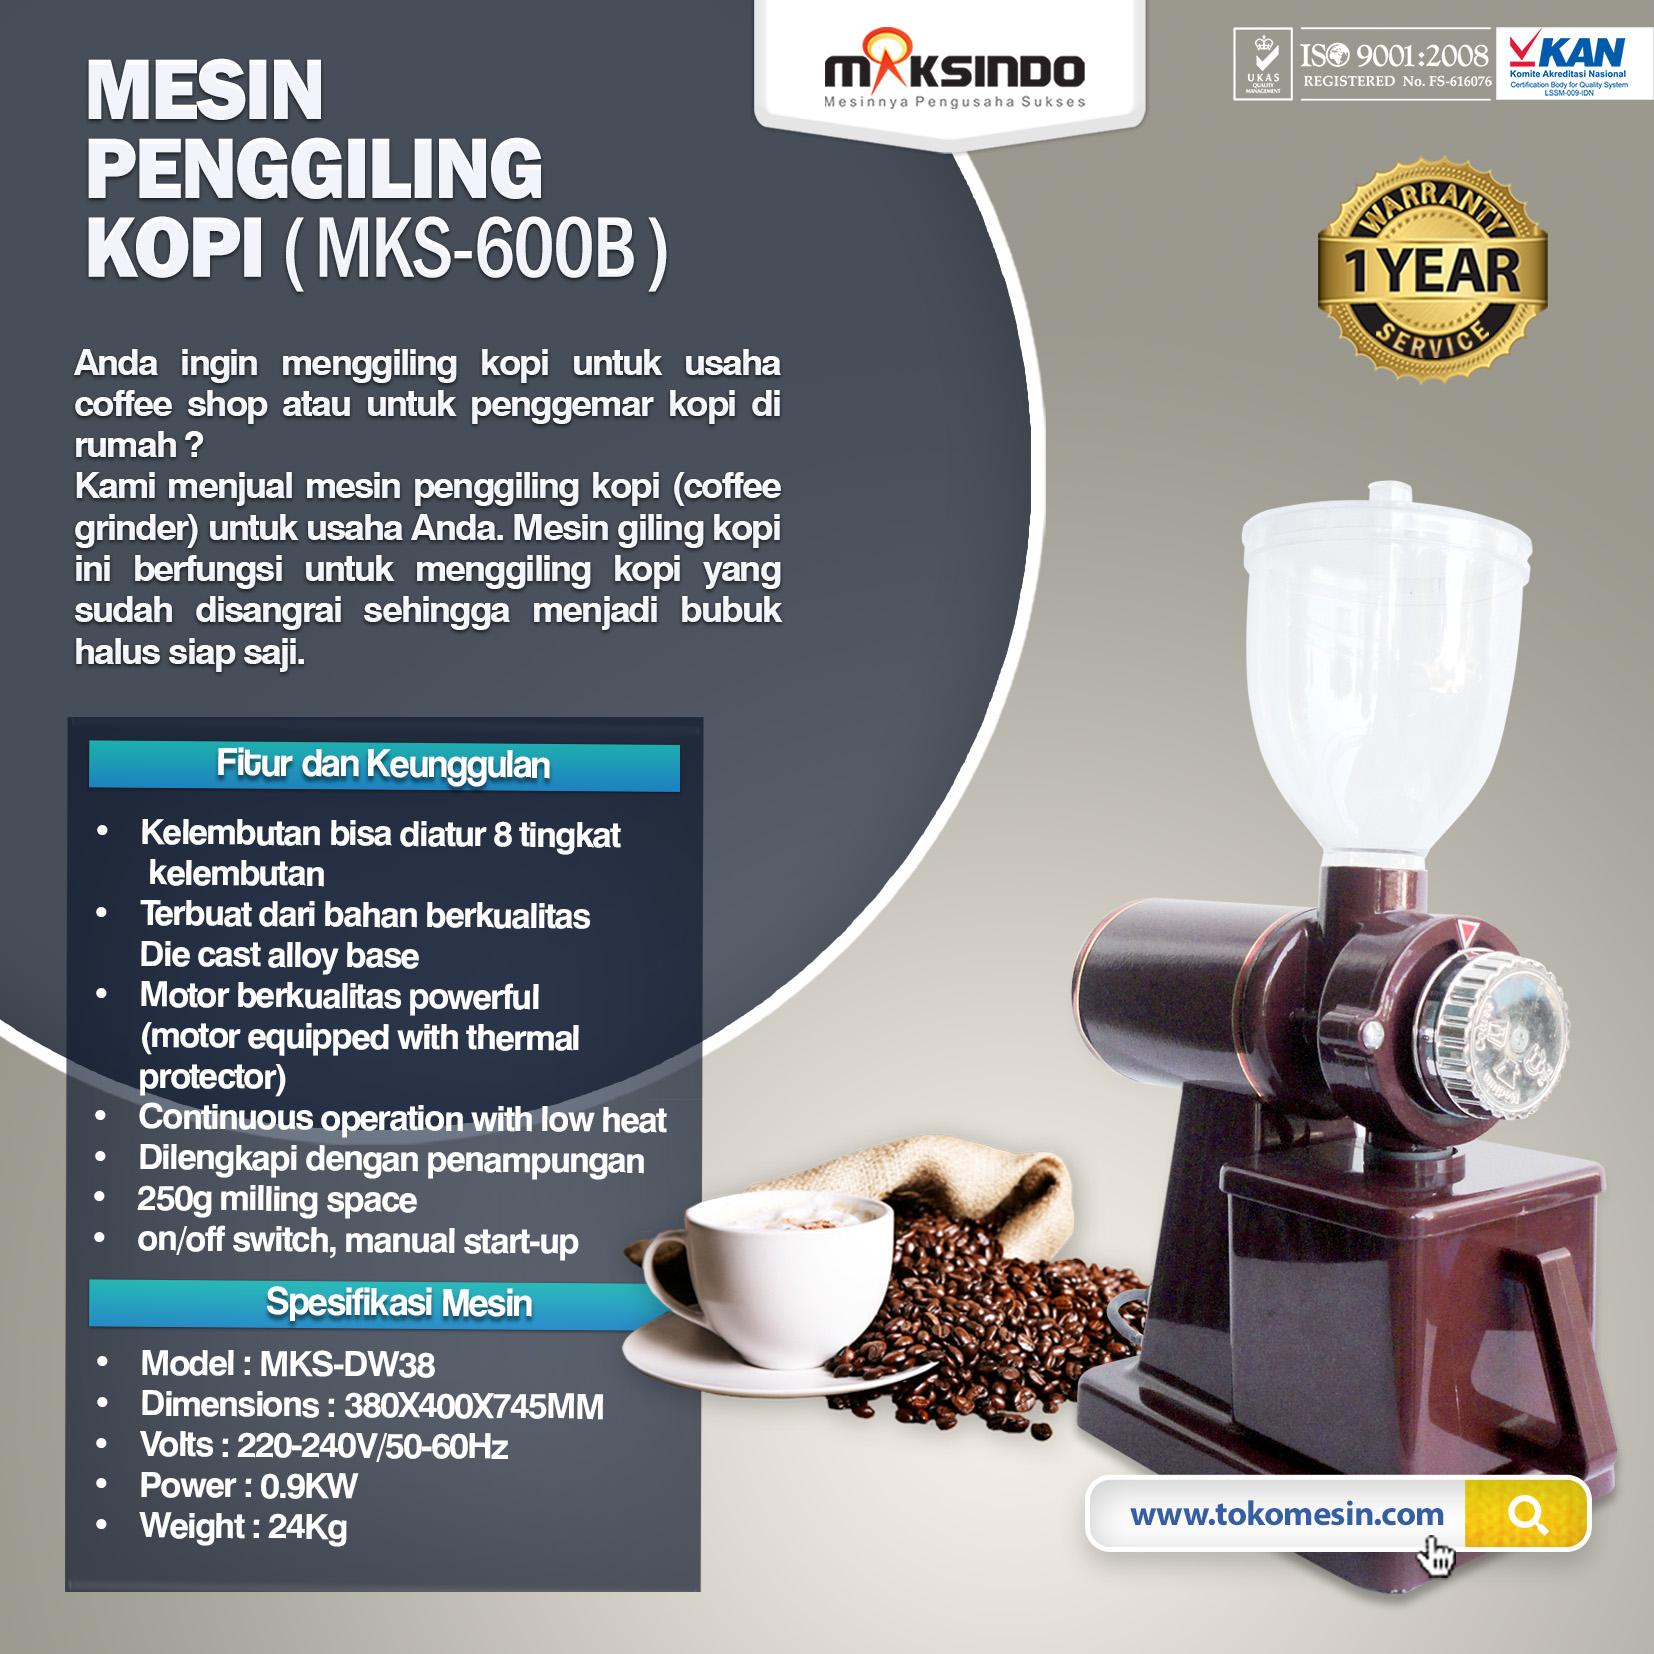 Kopi Tungku Mas Bubuk Kasar Daftar Harga Terbaru Dan Terlengkap Biji Betina Warung Tinggi Premium Blended Coffee 250 Gram Jual Mesin Cup Sealer Manual New Di Blitar